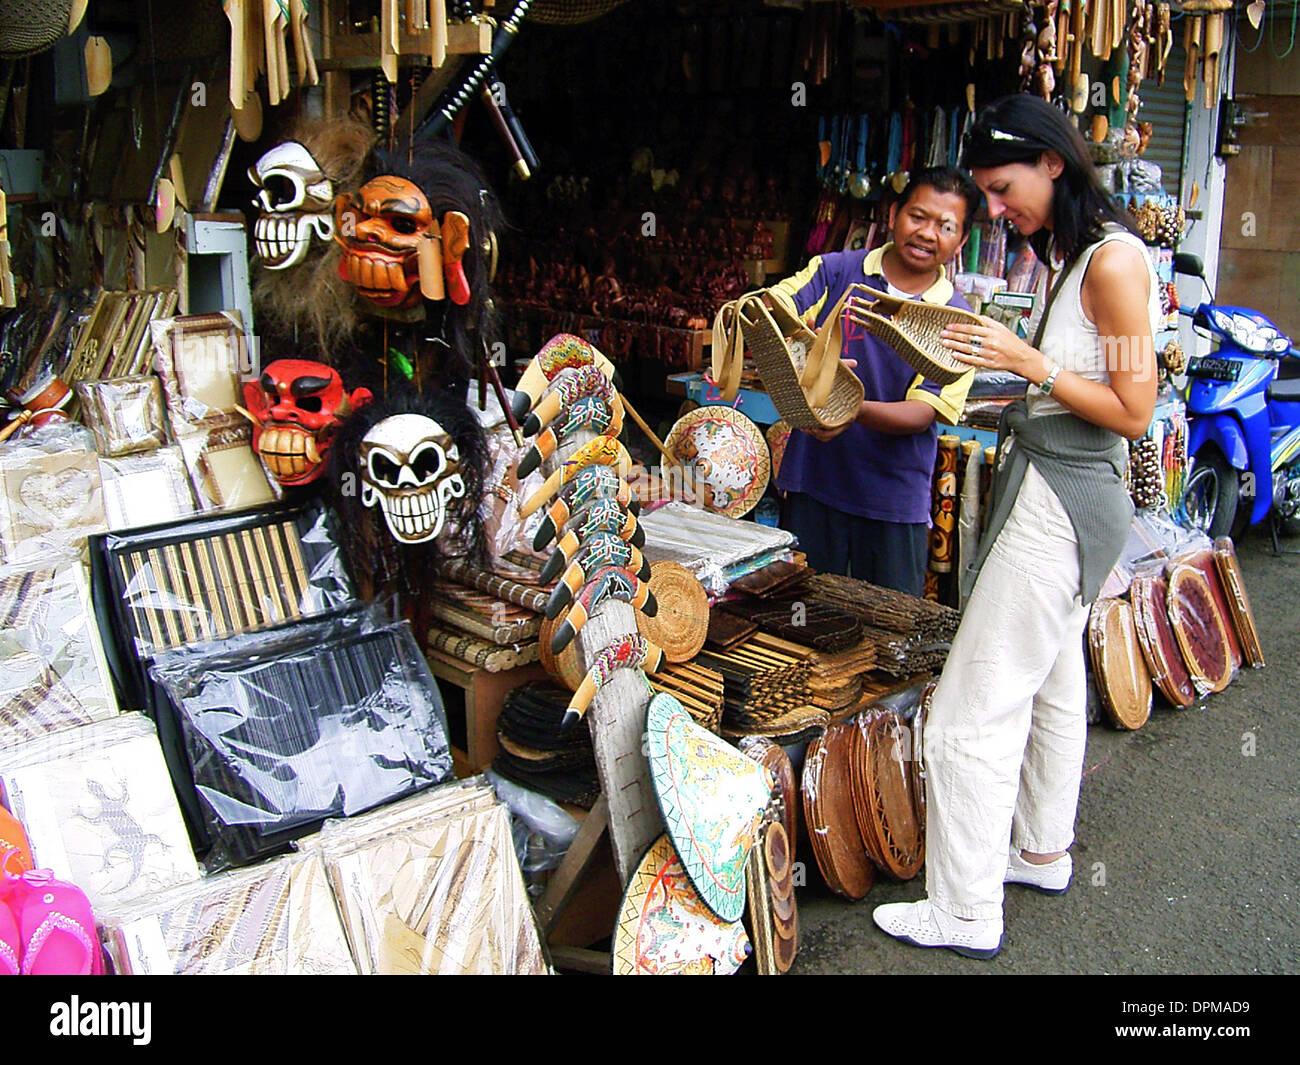 Market Handicraft Ubud Bali Indonesia Stock Photo 65600789 Alamy